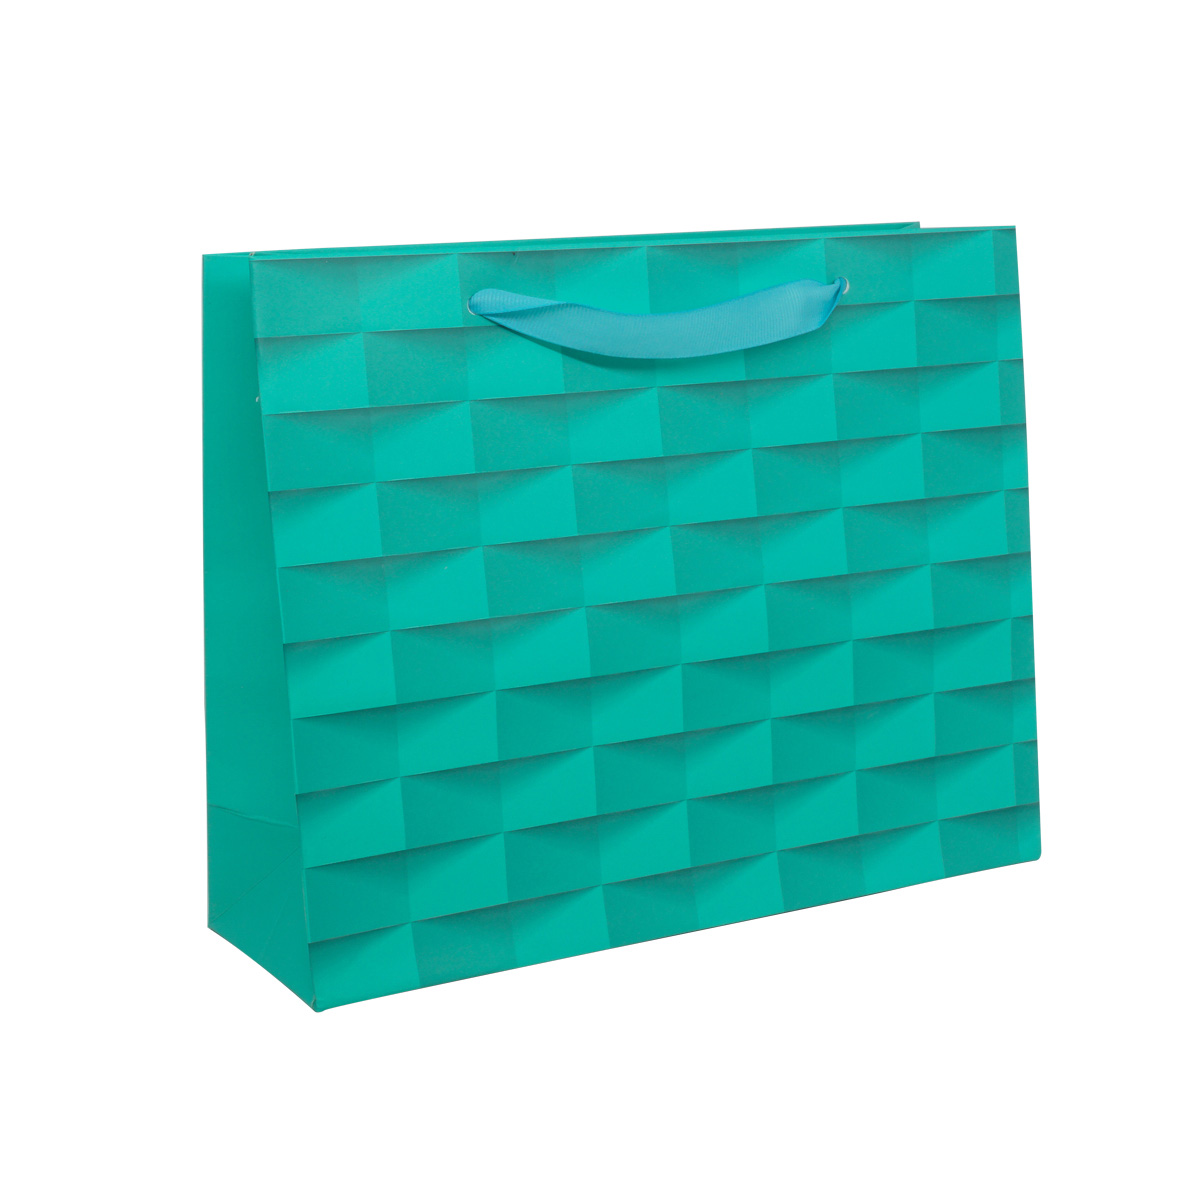 BK982 Пакет подарочный ламинированный, 20*25*8см